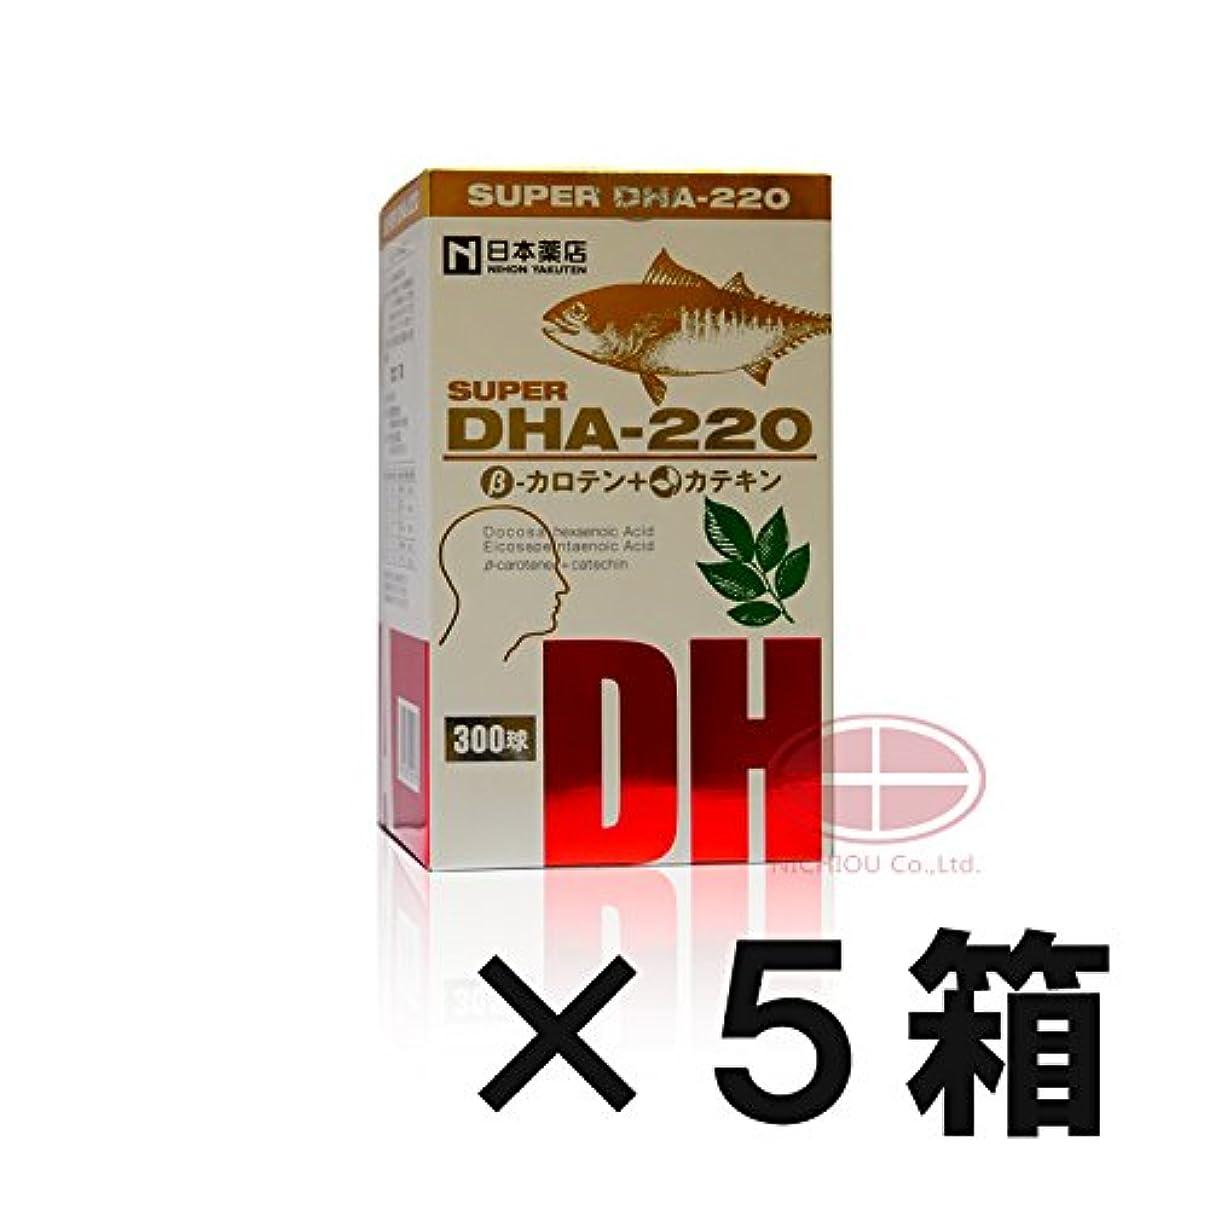 責任者常習的衝突コース薬王製薬 スーパーDHA220 βカロテン+カテキン 300粒 (5)